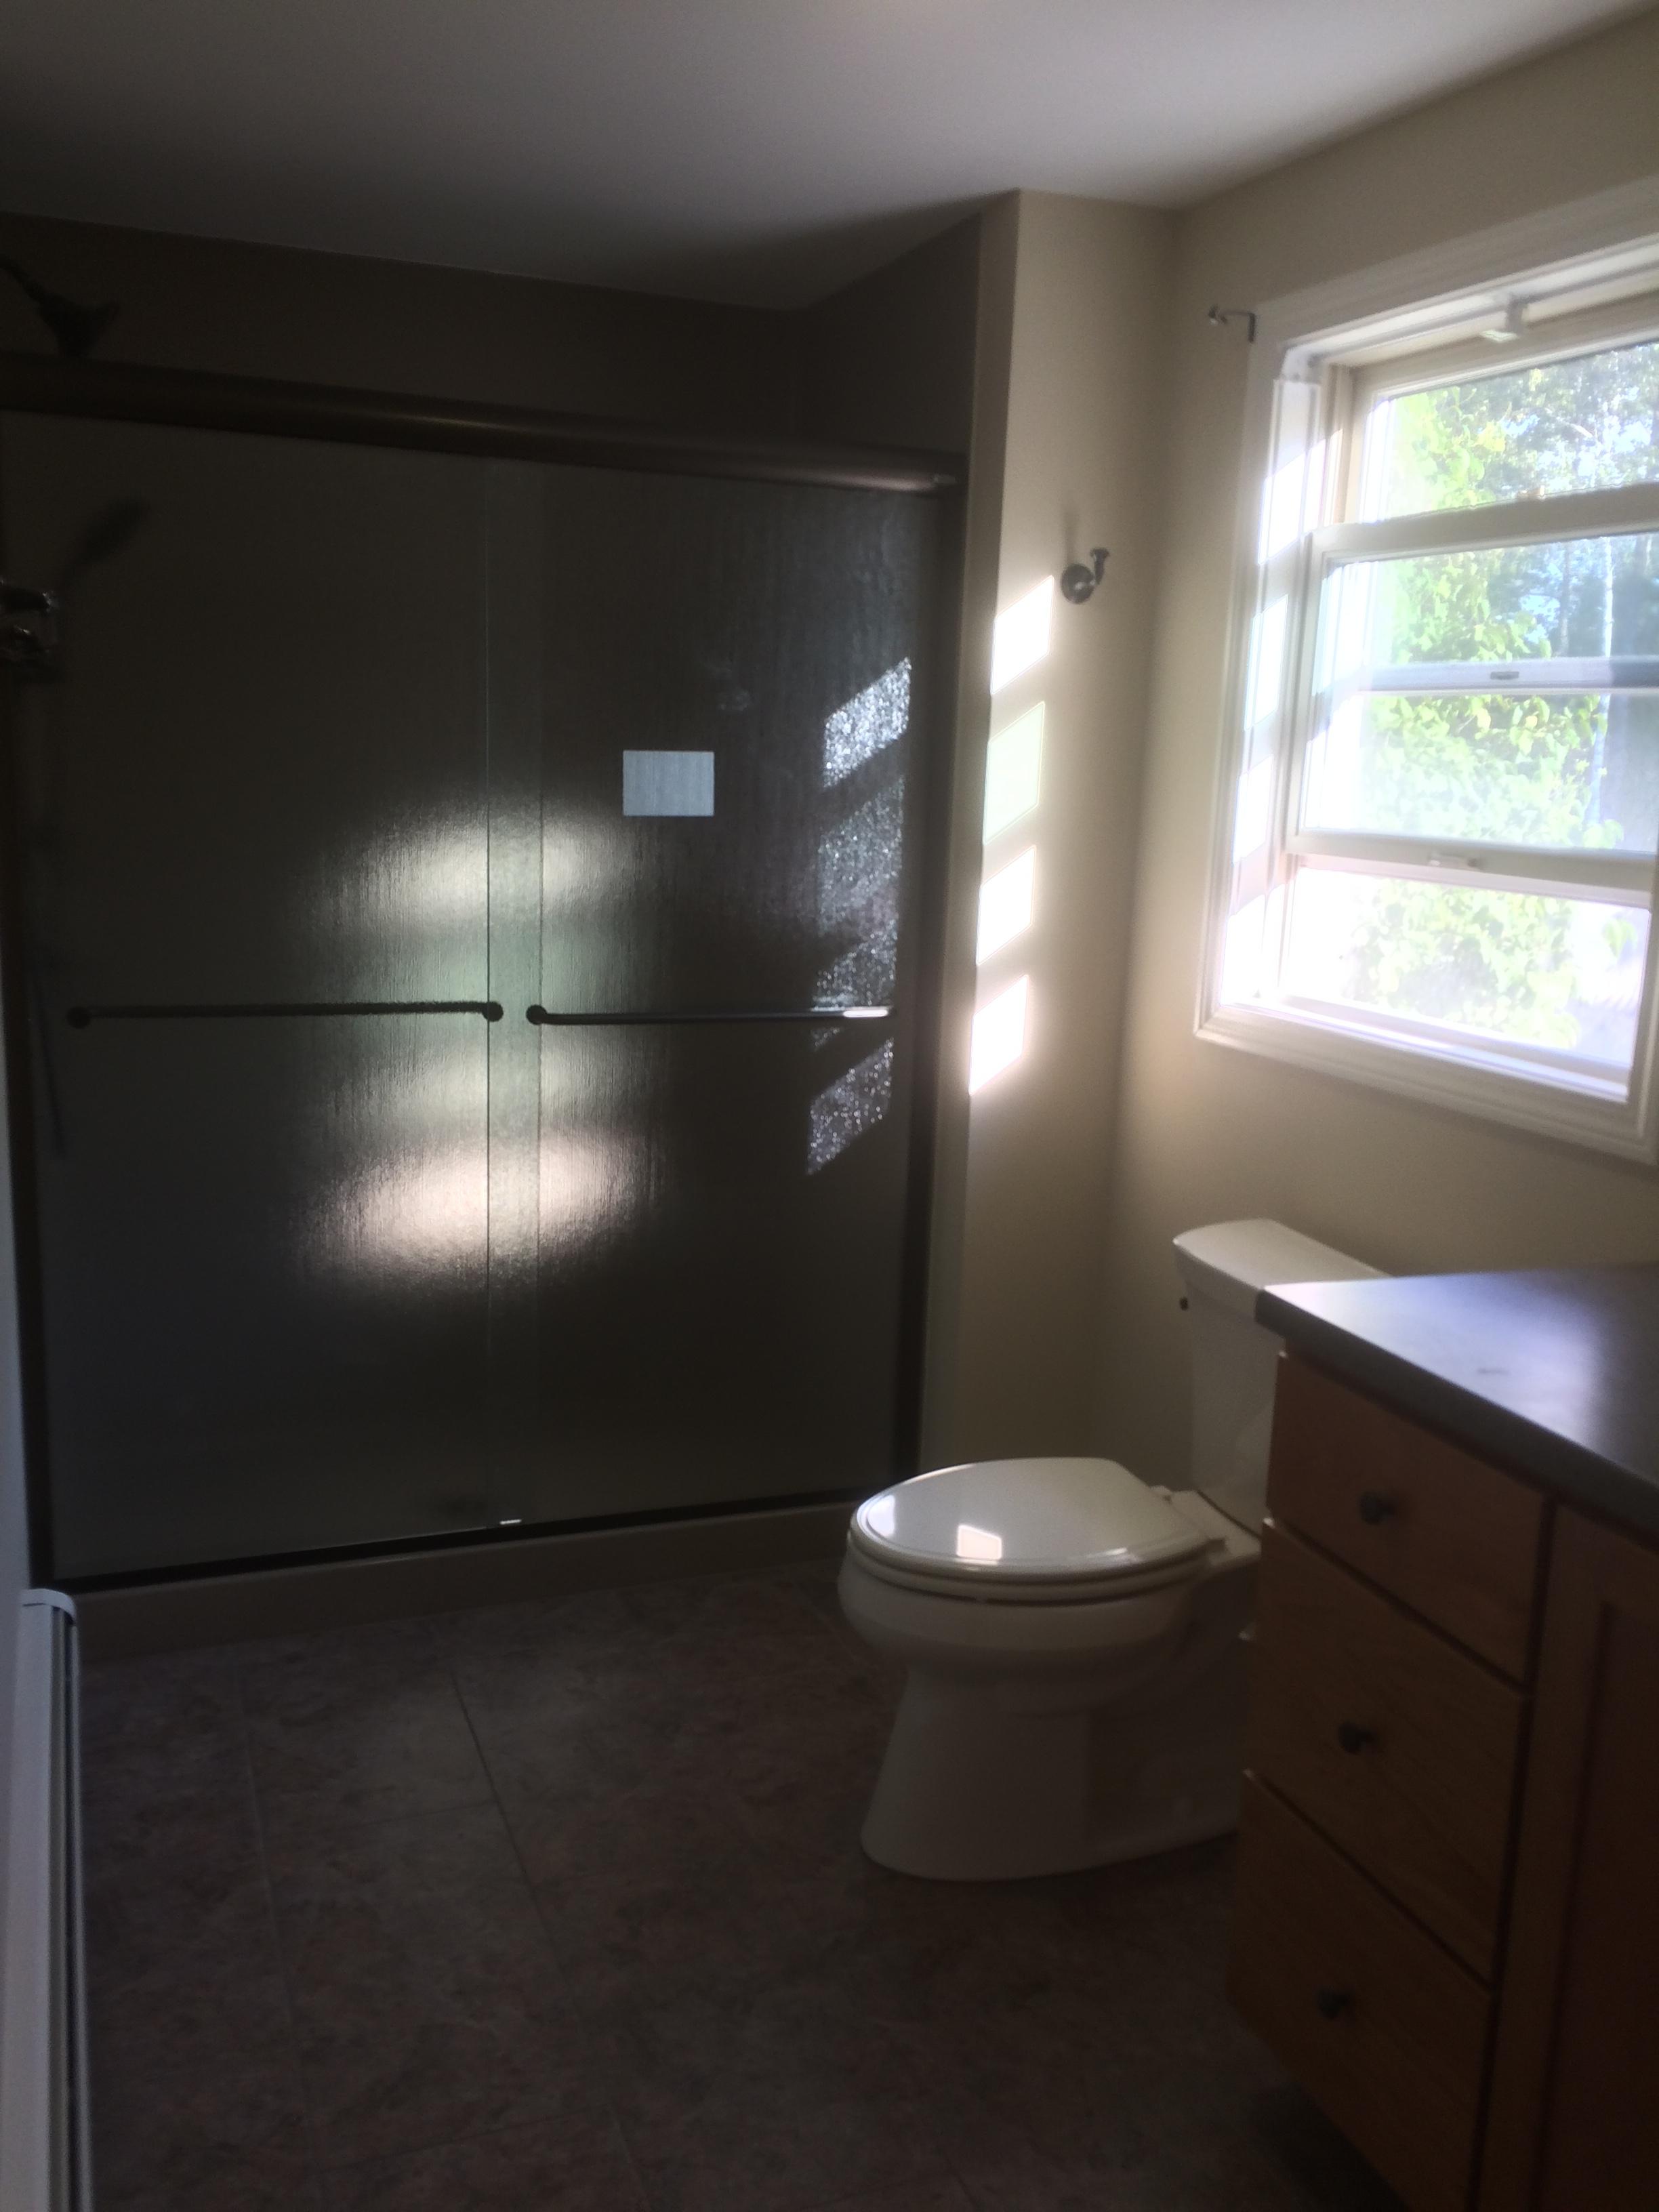 Recent Bathroom Remodels | NH Bath Builders - Part 2